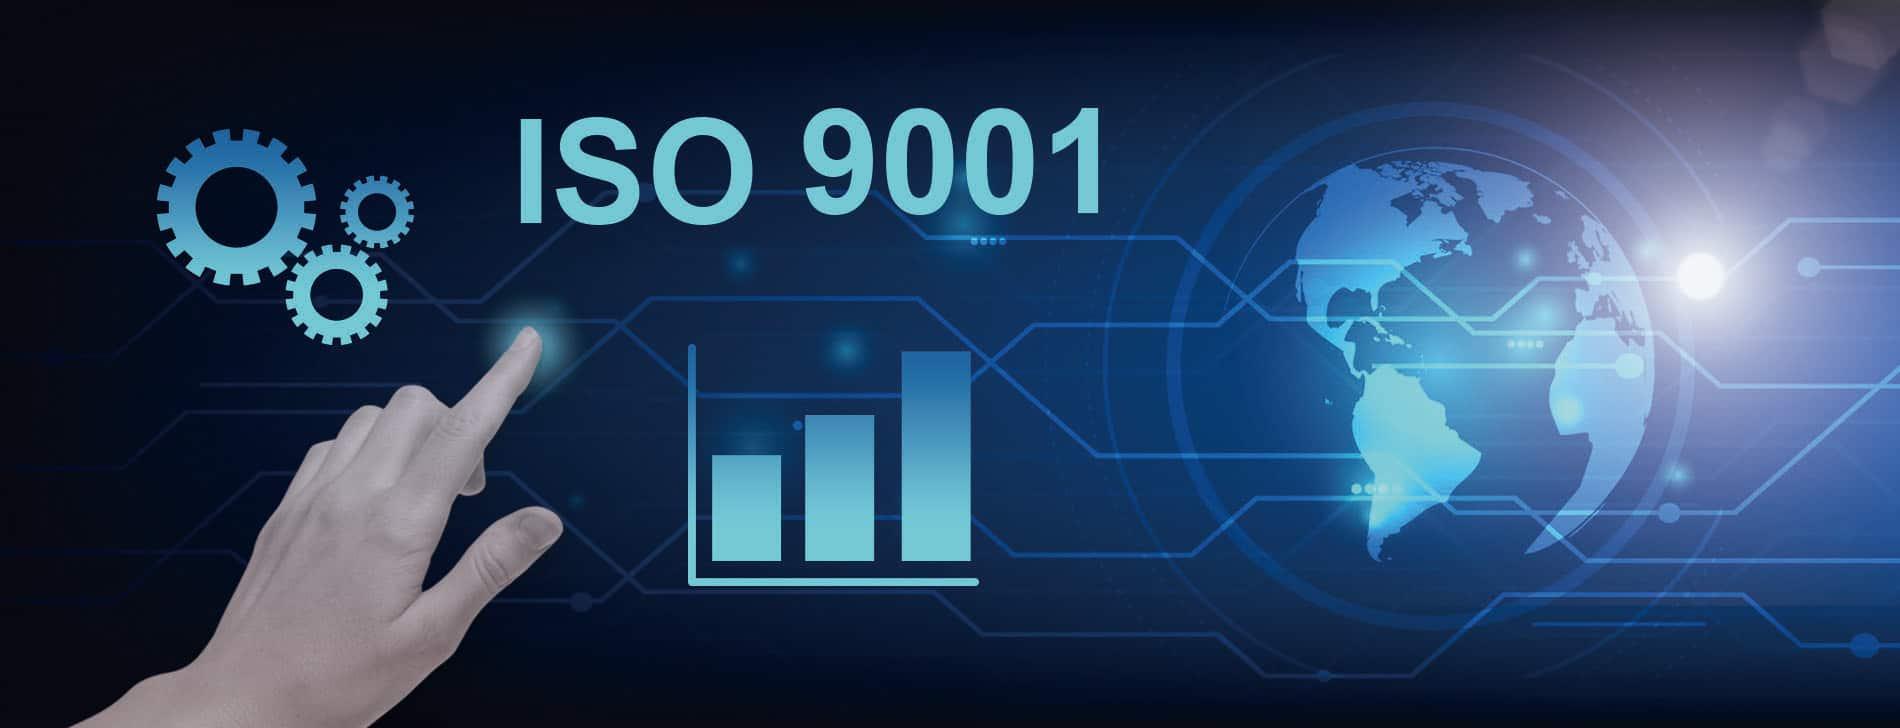 通過 ISO 9001 2015 國際標準驗證